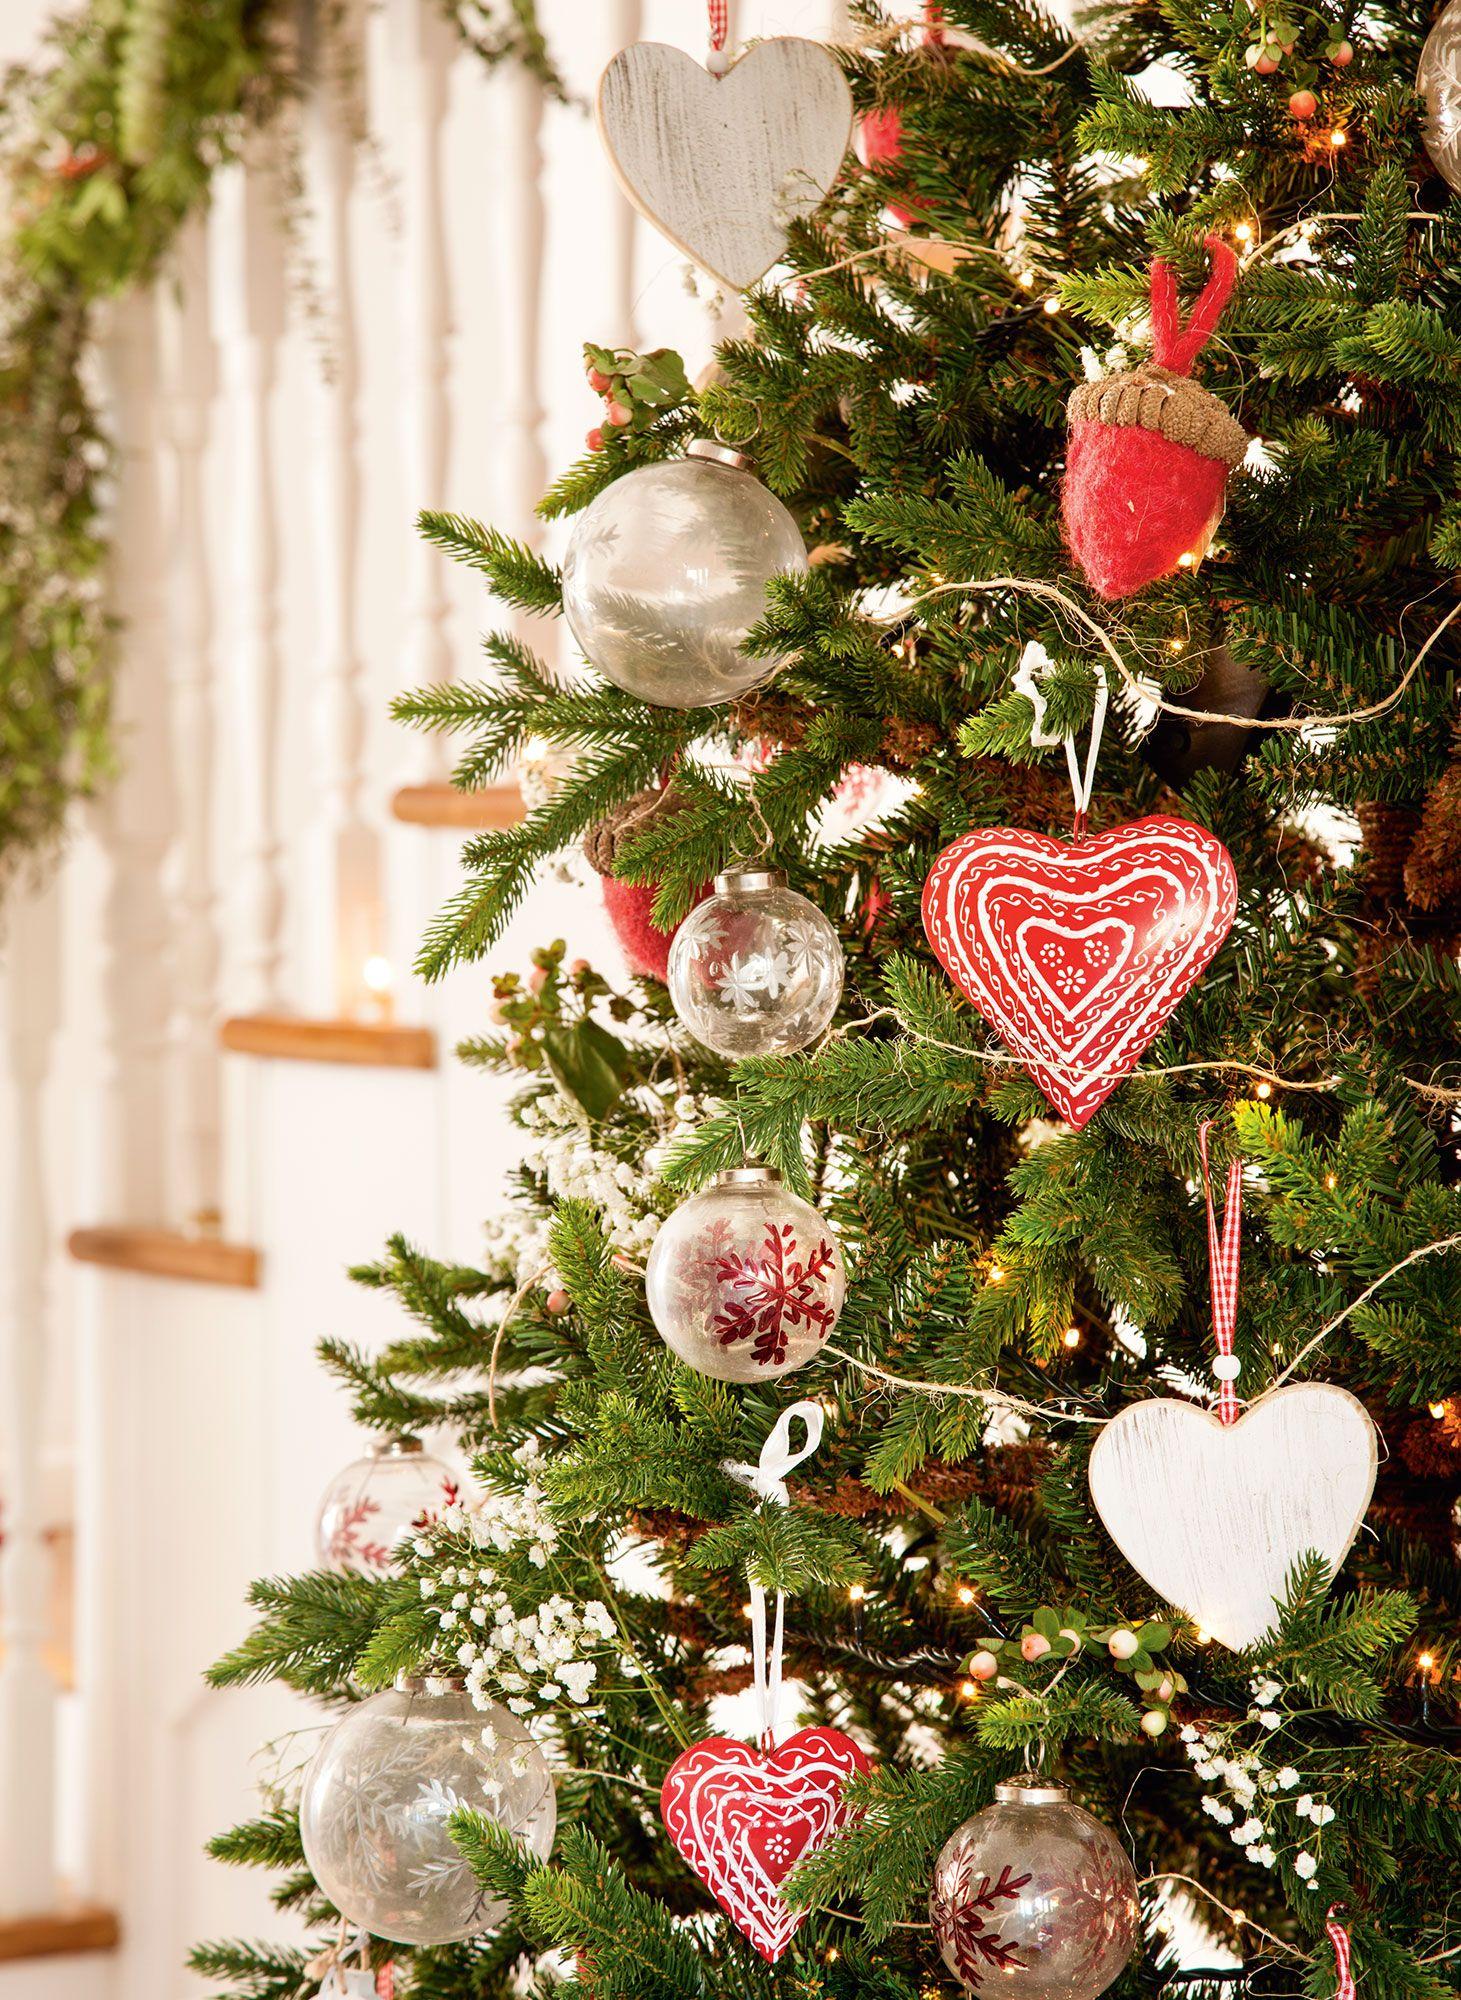 Navidad ideas para decorar de verde natural tu recibidor for Decoracion navidad